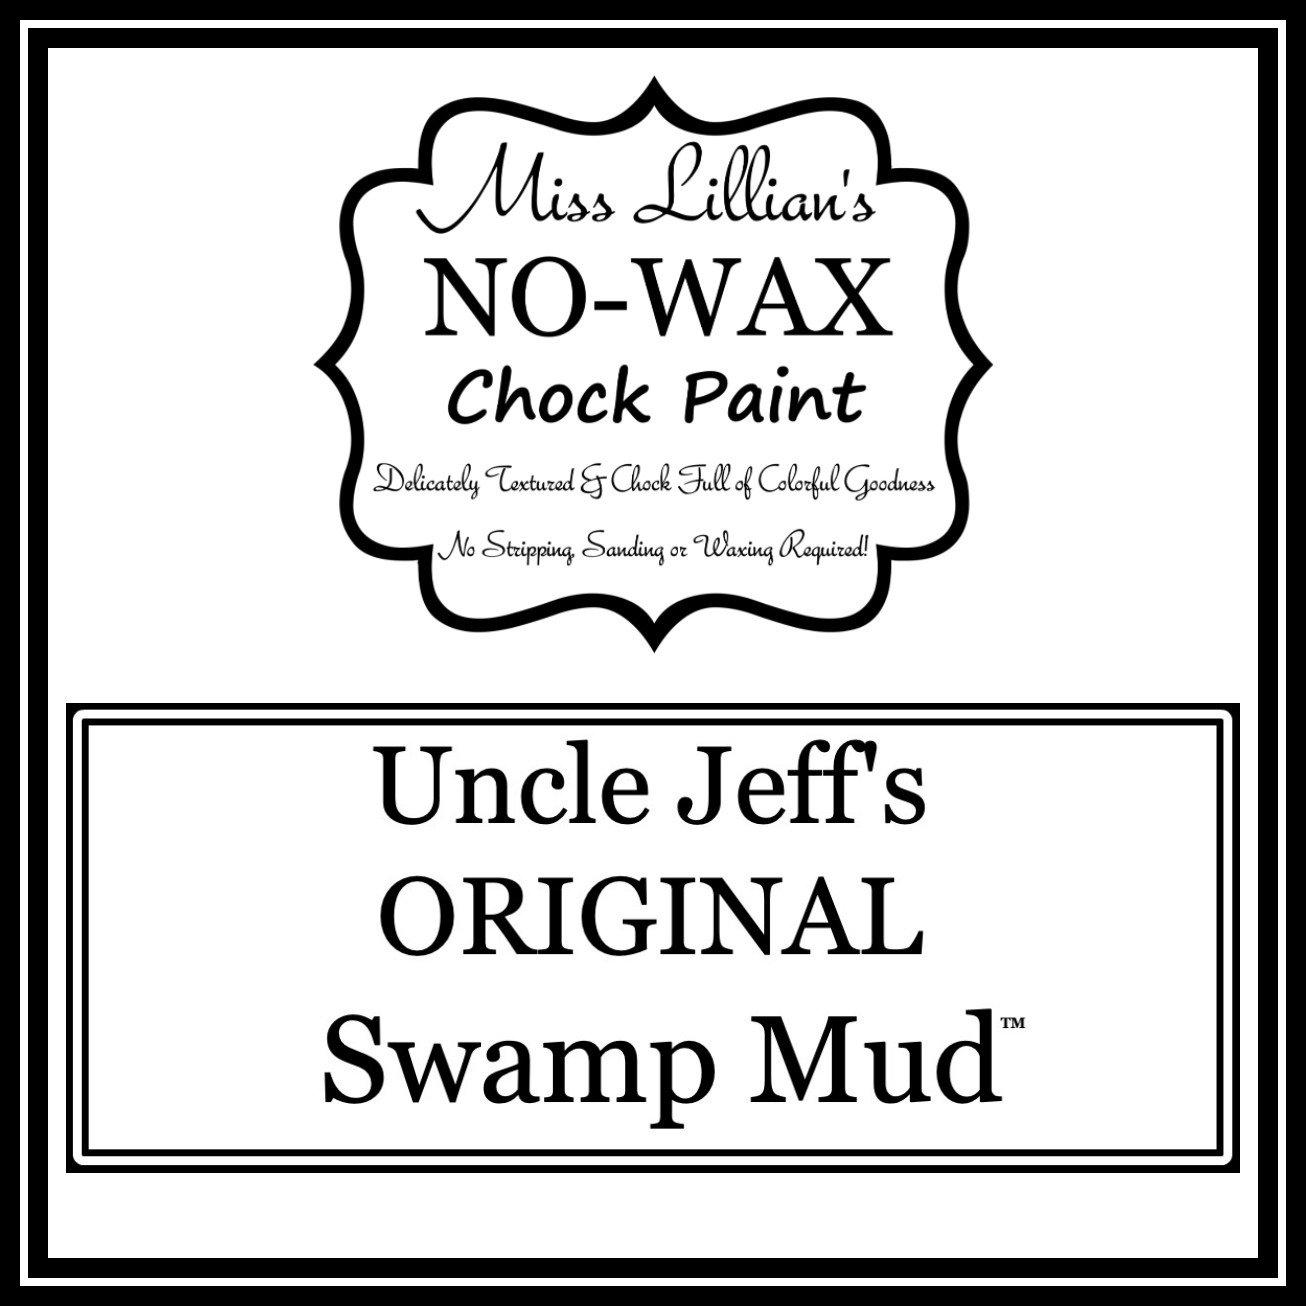 Swamp Mud Cover